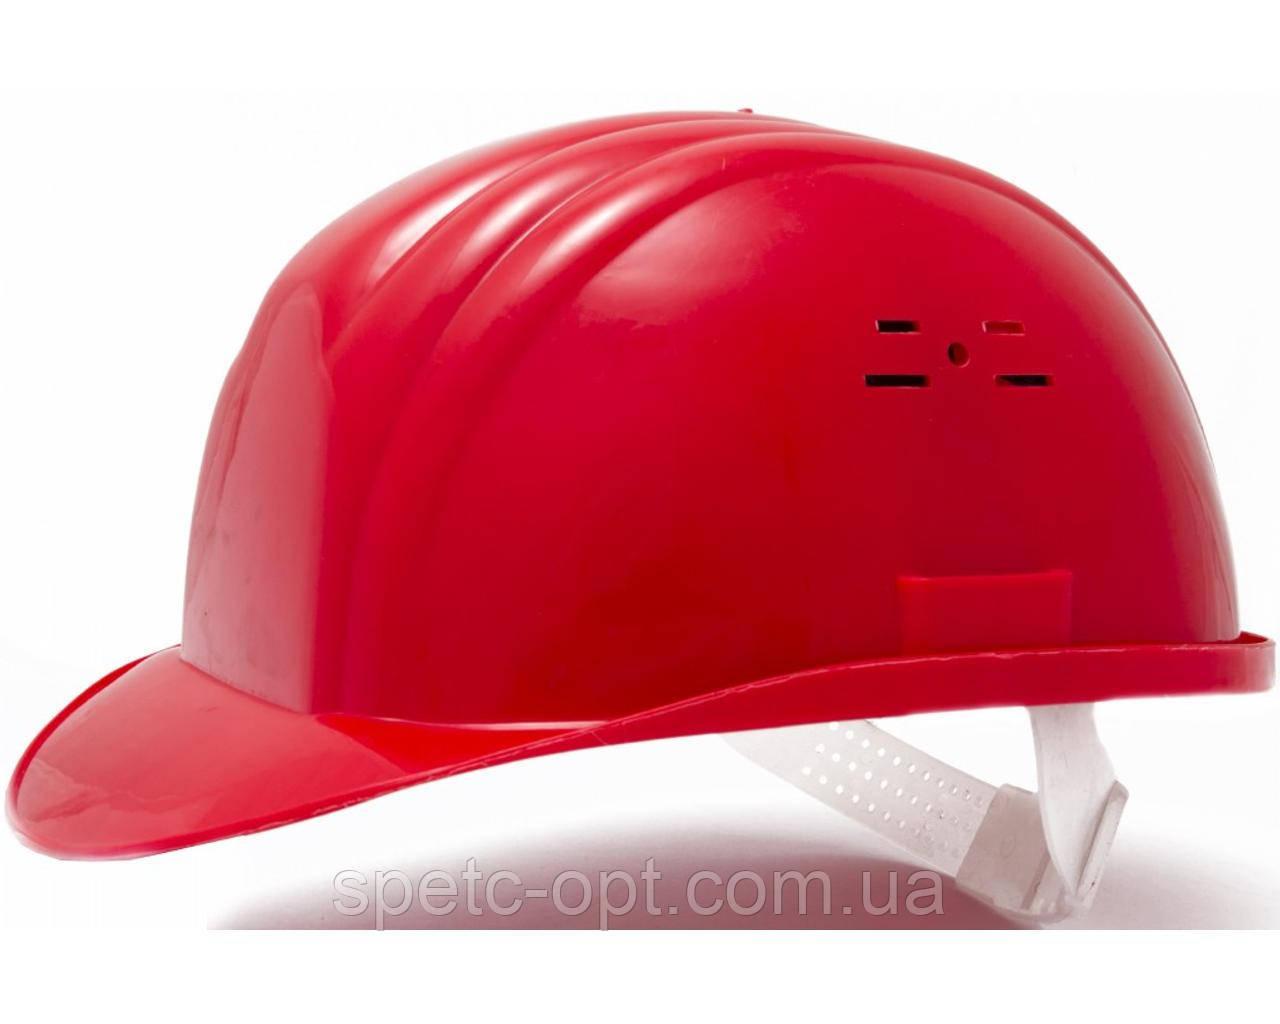 Каска строительная (красная). Каска защитная.